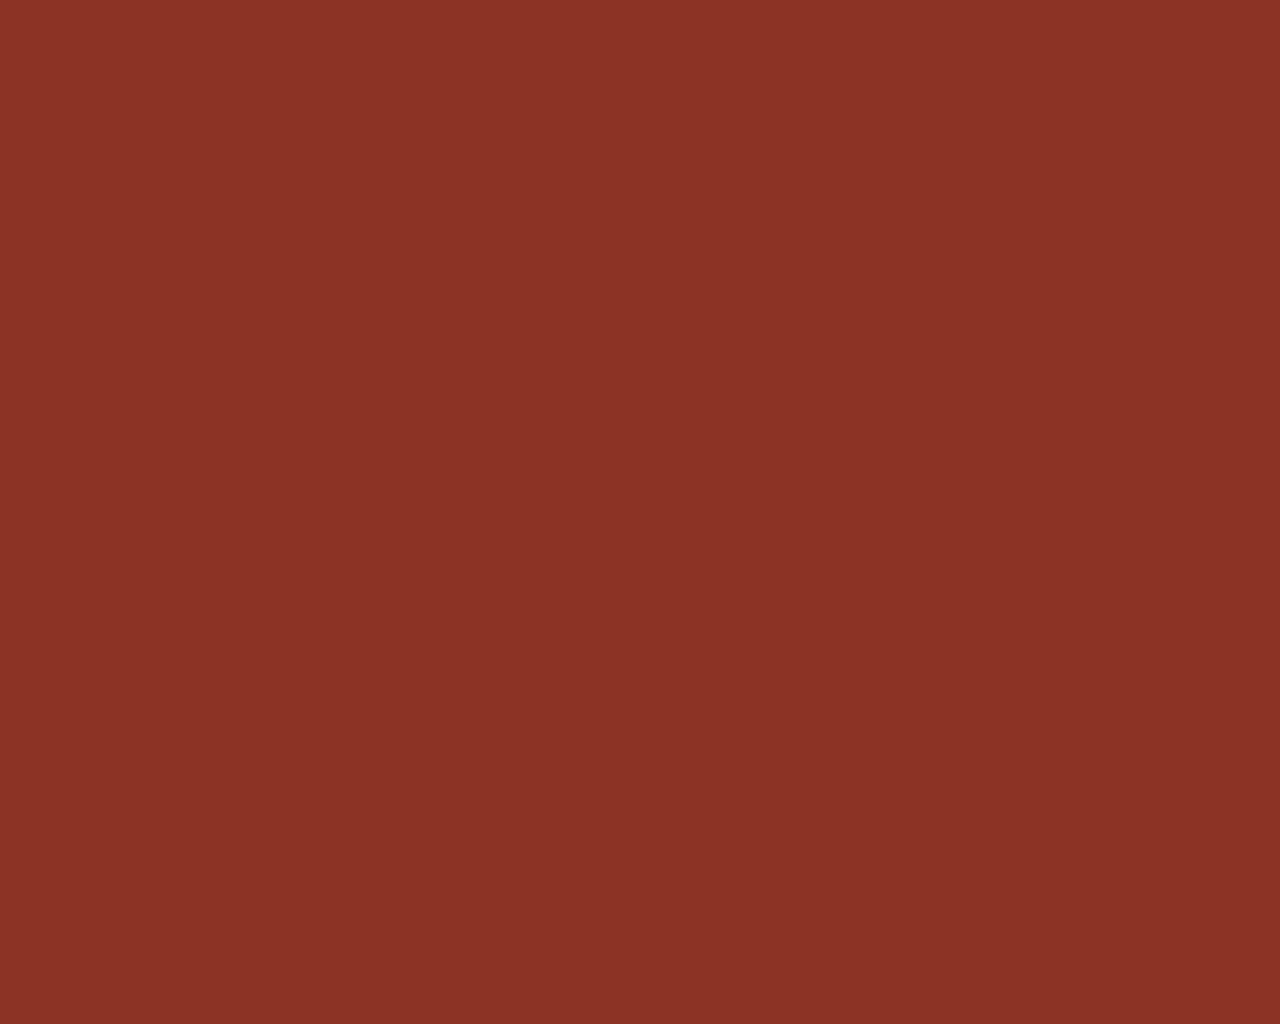 1280x1024 Burnt Umber Solid Color Background